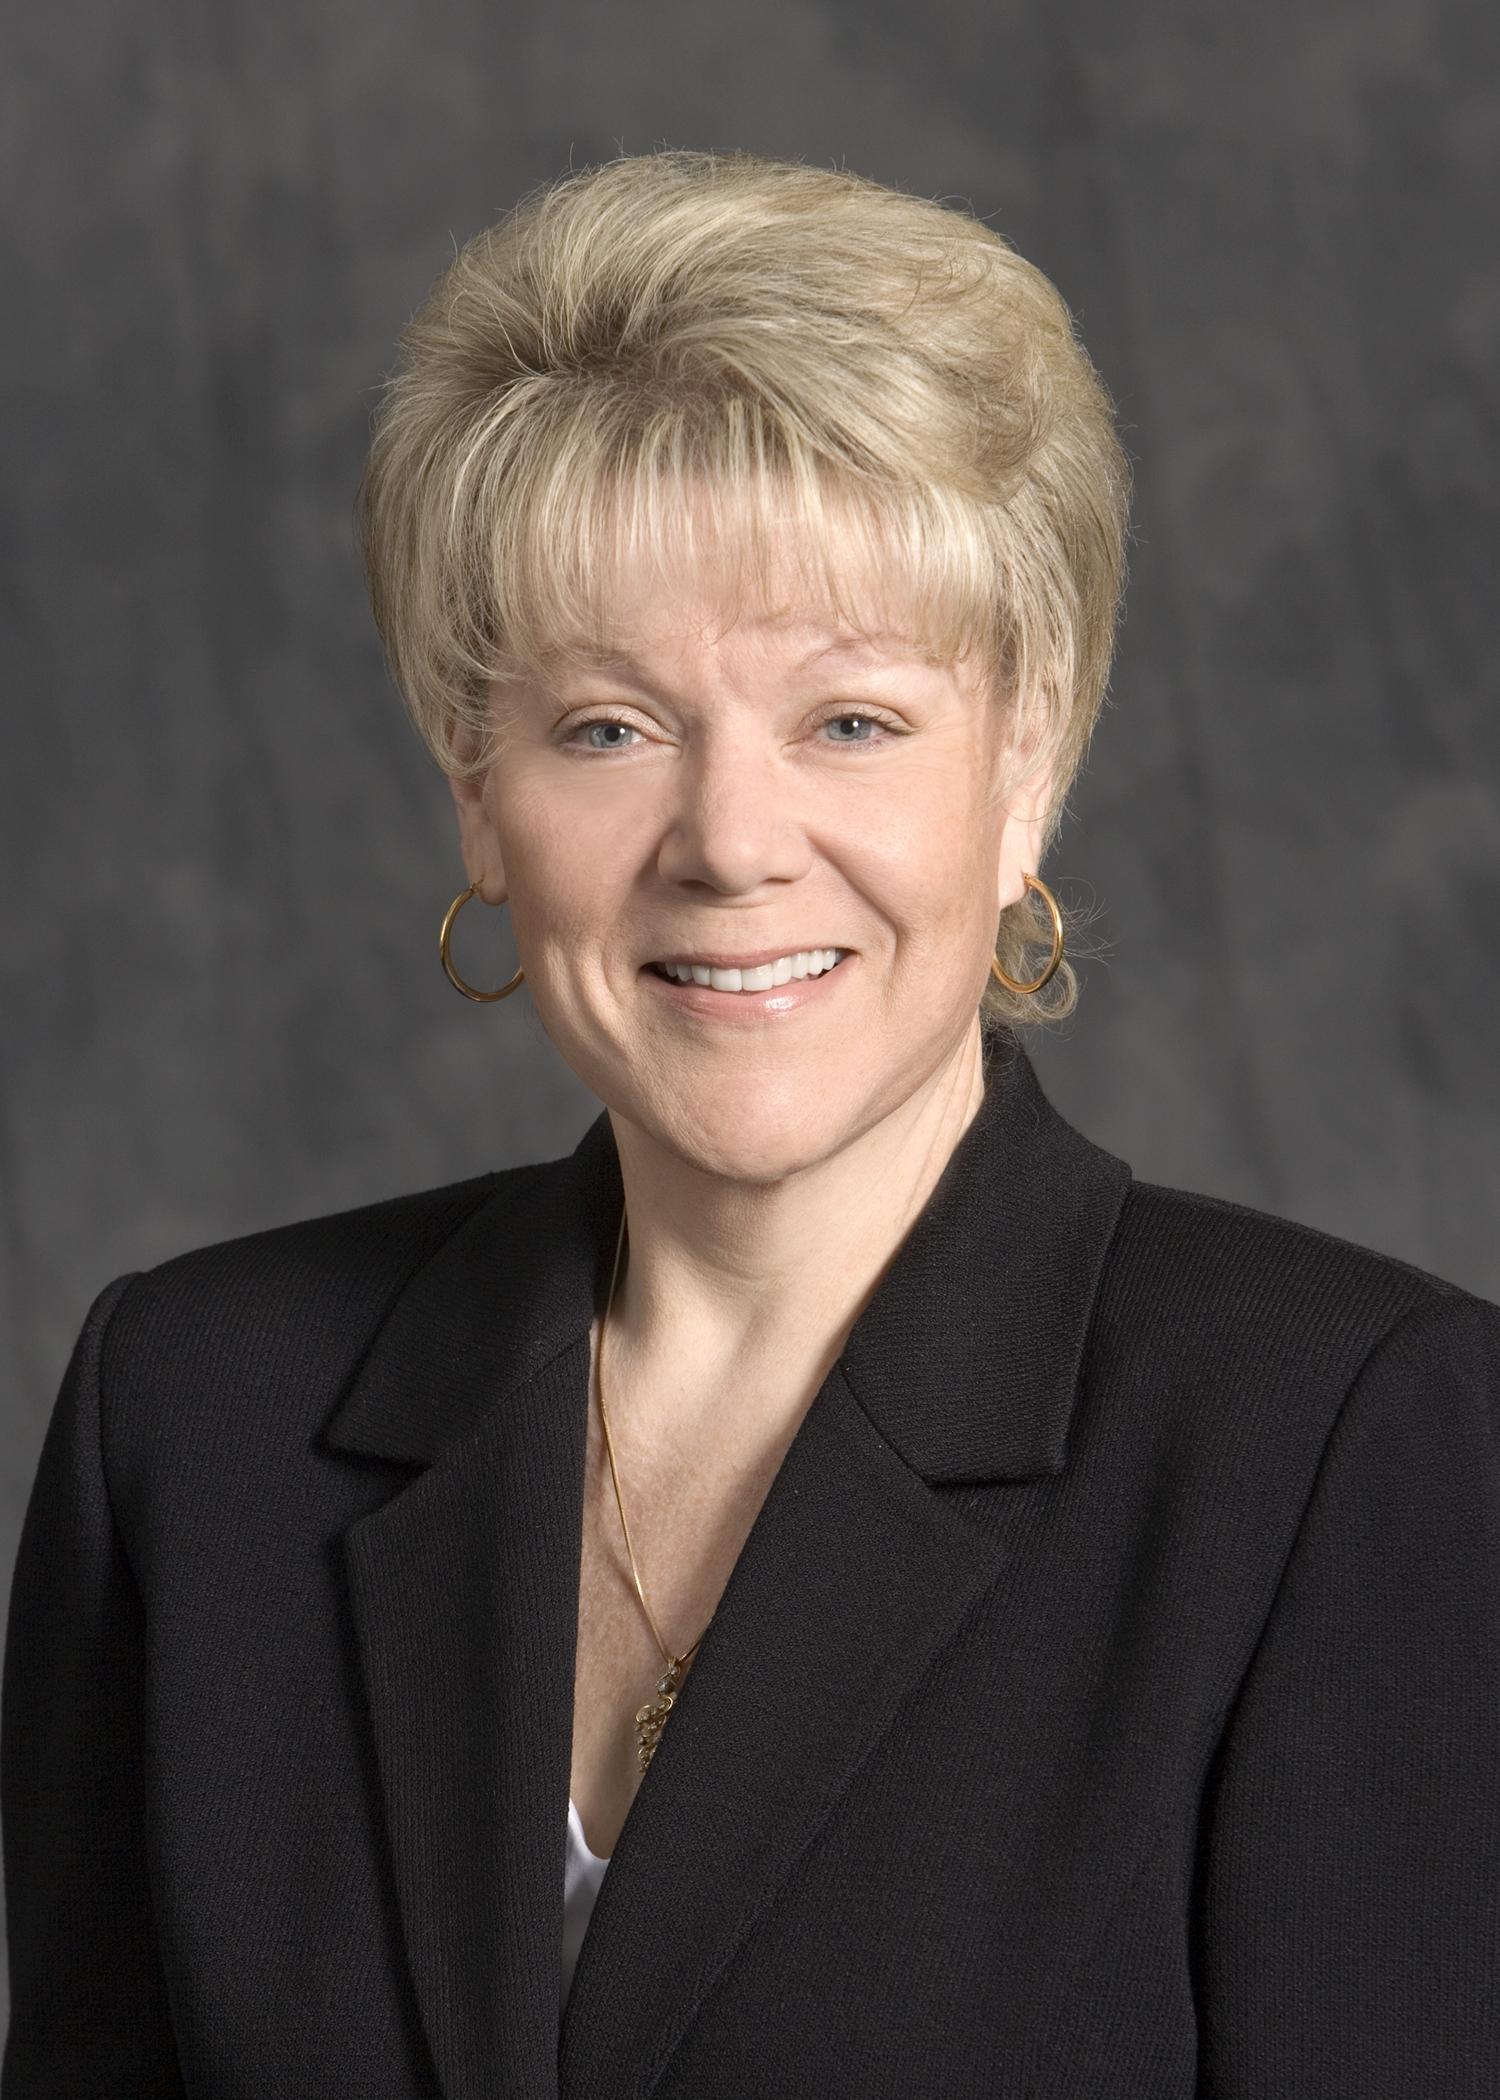 Marcie Edwards